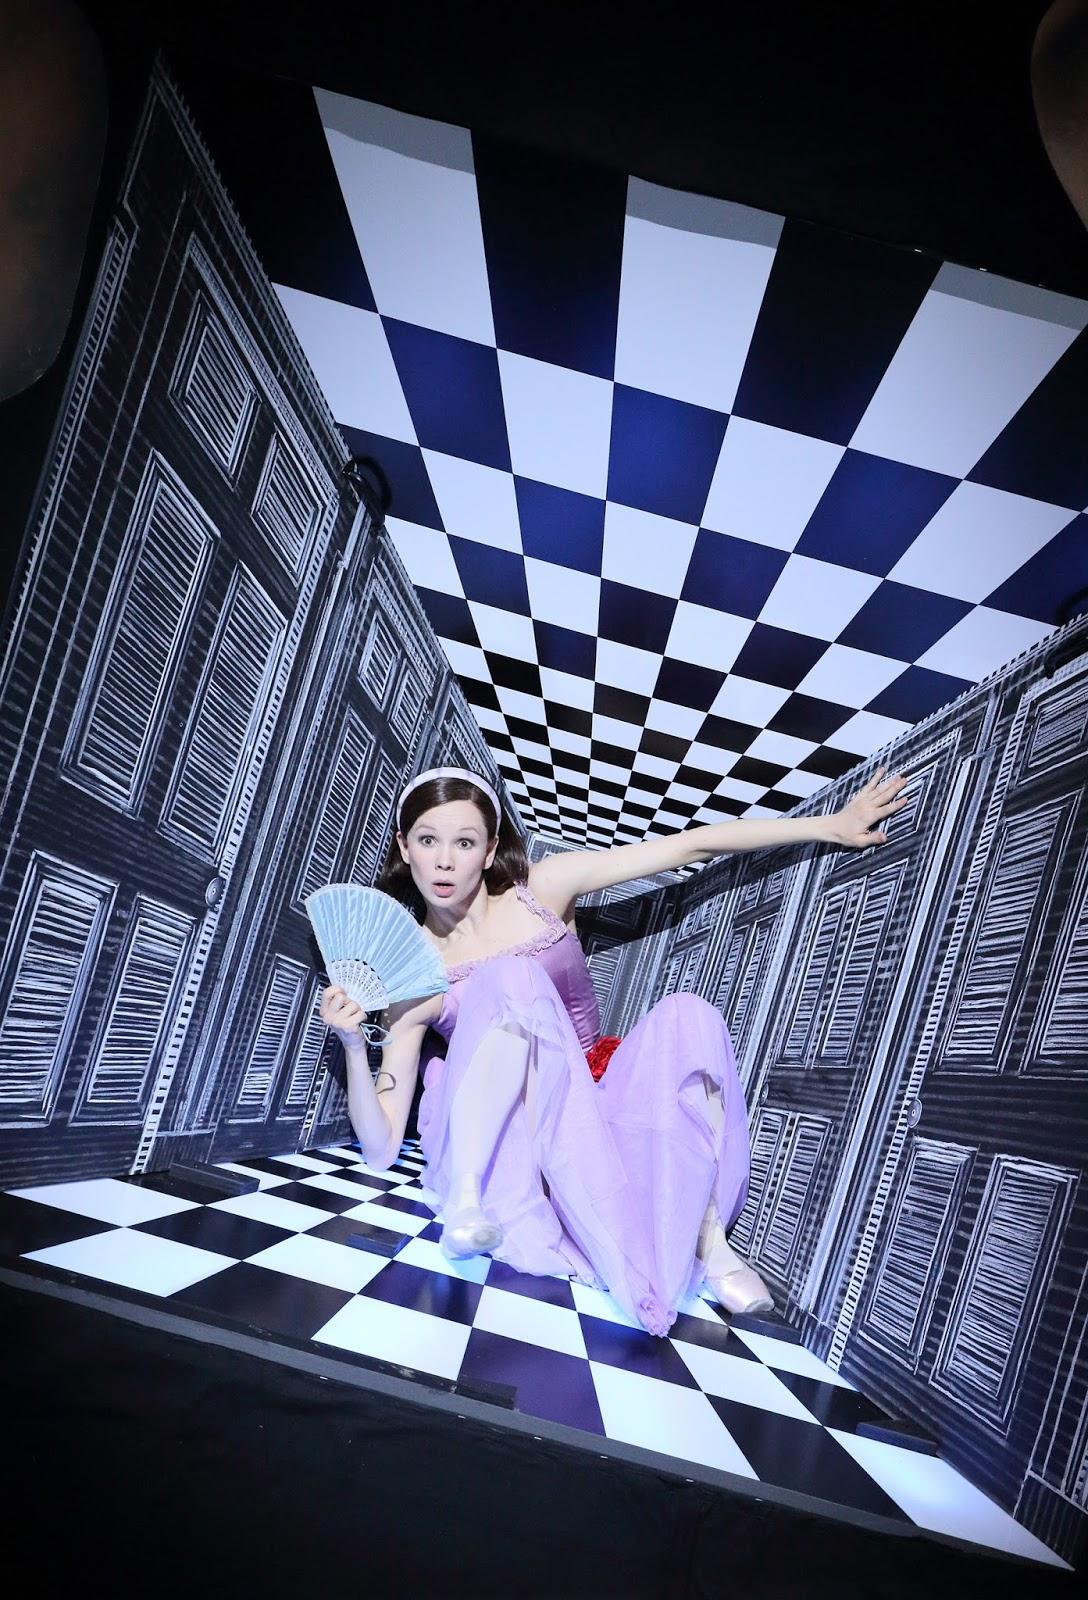 Les aventures d'Alice au pays des merveilles de Christopher Wheeldon. Foto: Wilfried Hösl